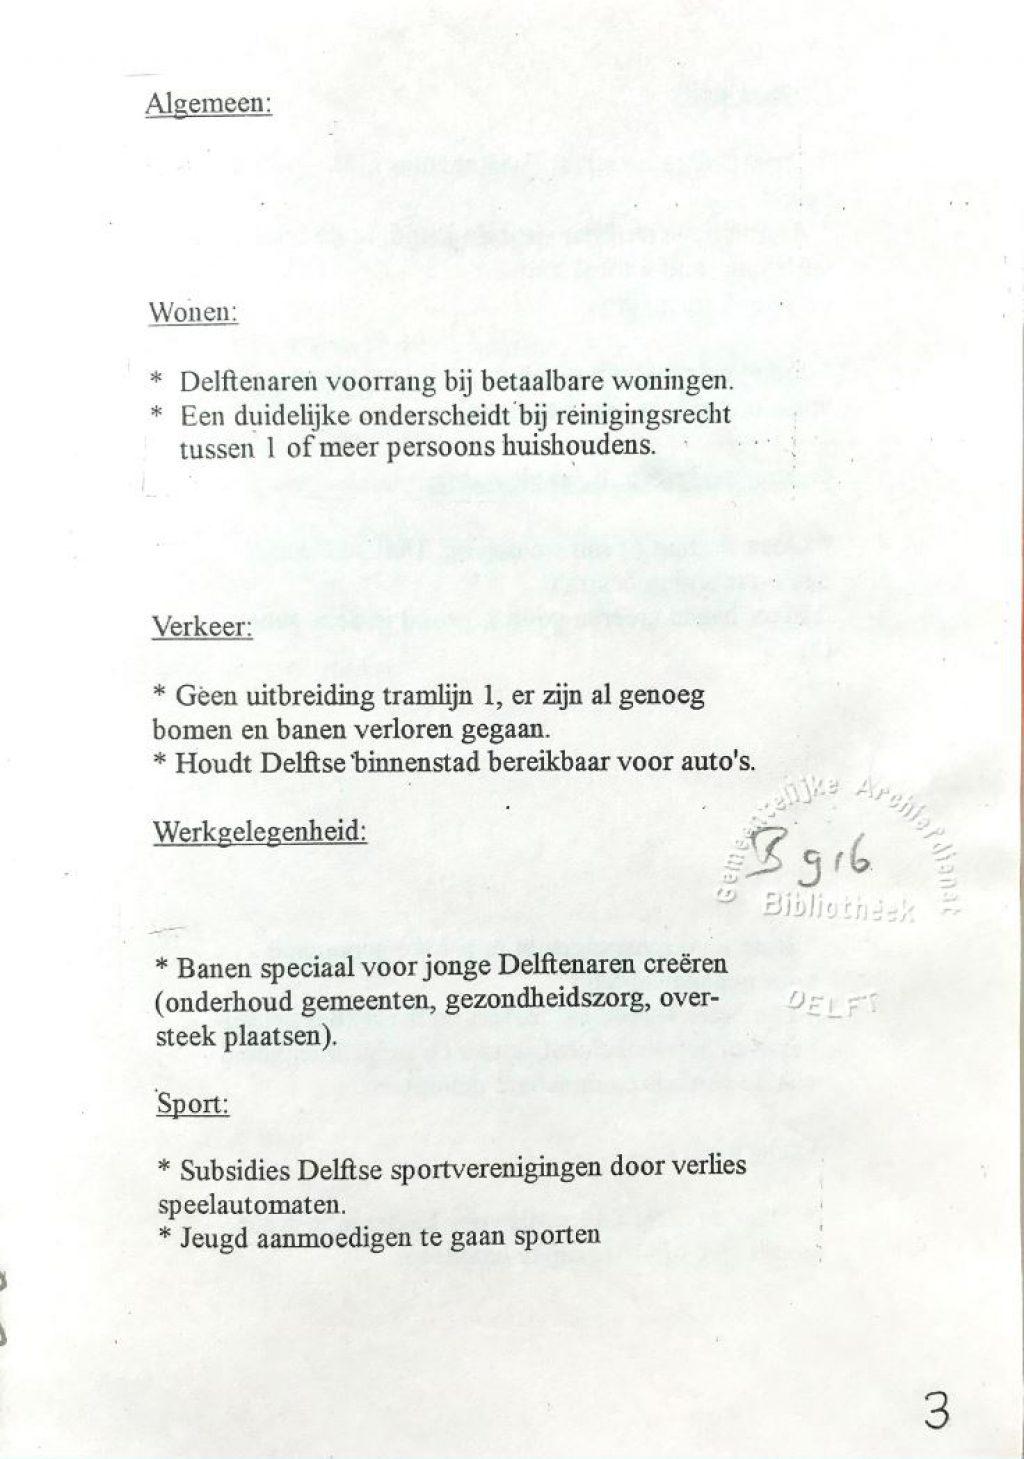 Documentatieverzameling nr. 303, partijprogramma Centrumdemocraten 1994, de gekuiste versie (Bibliotheek)